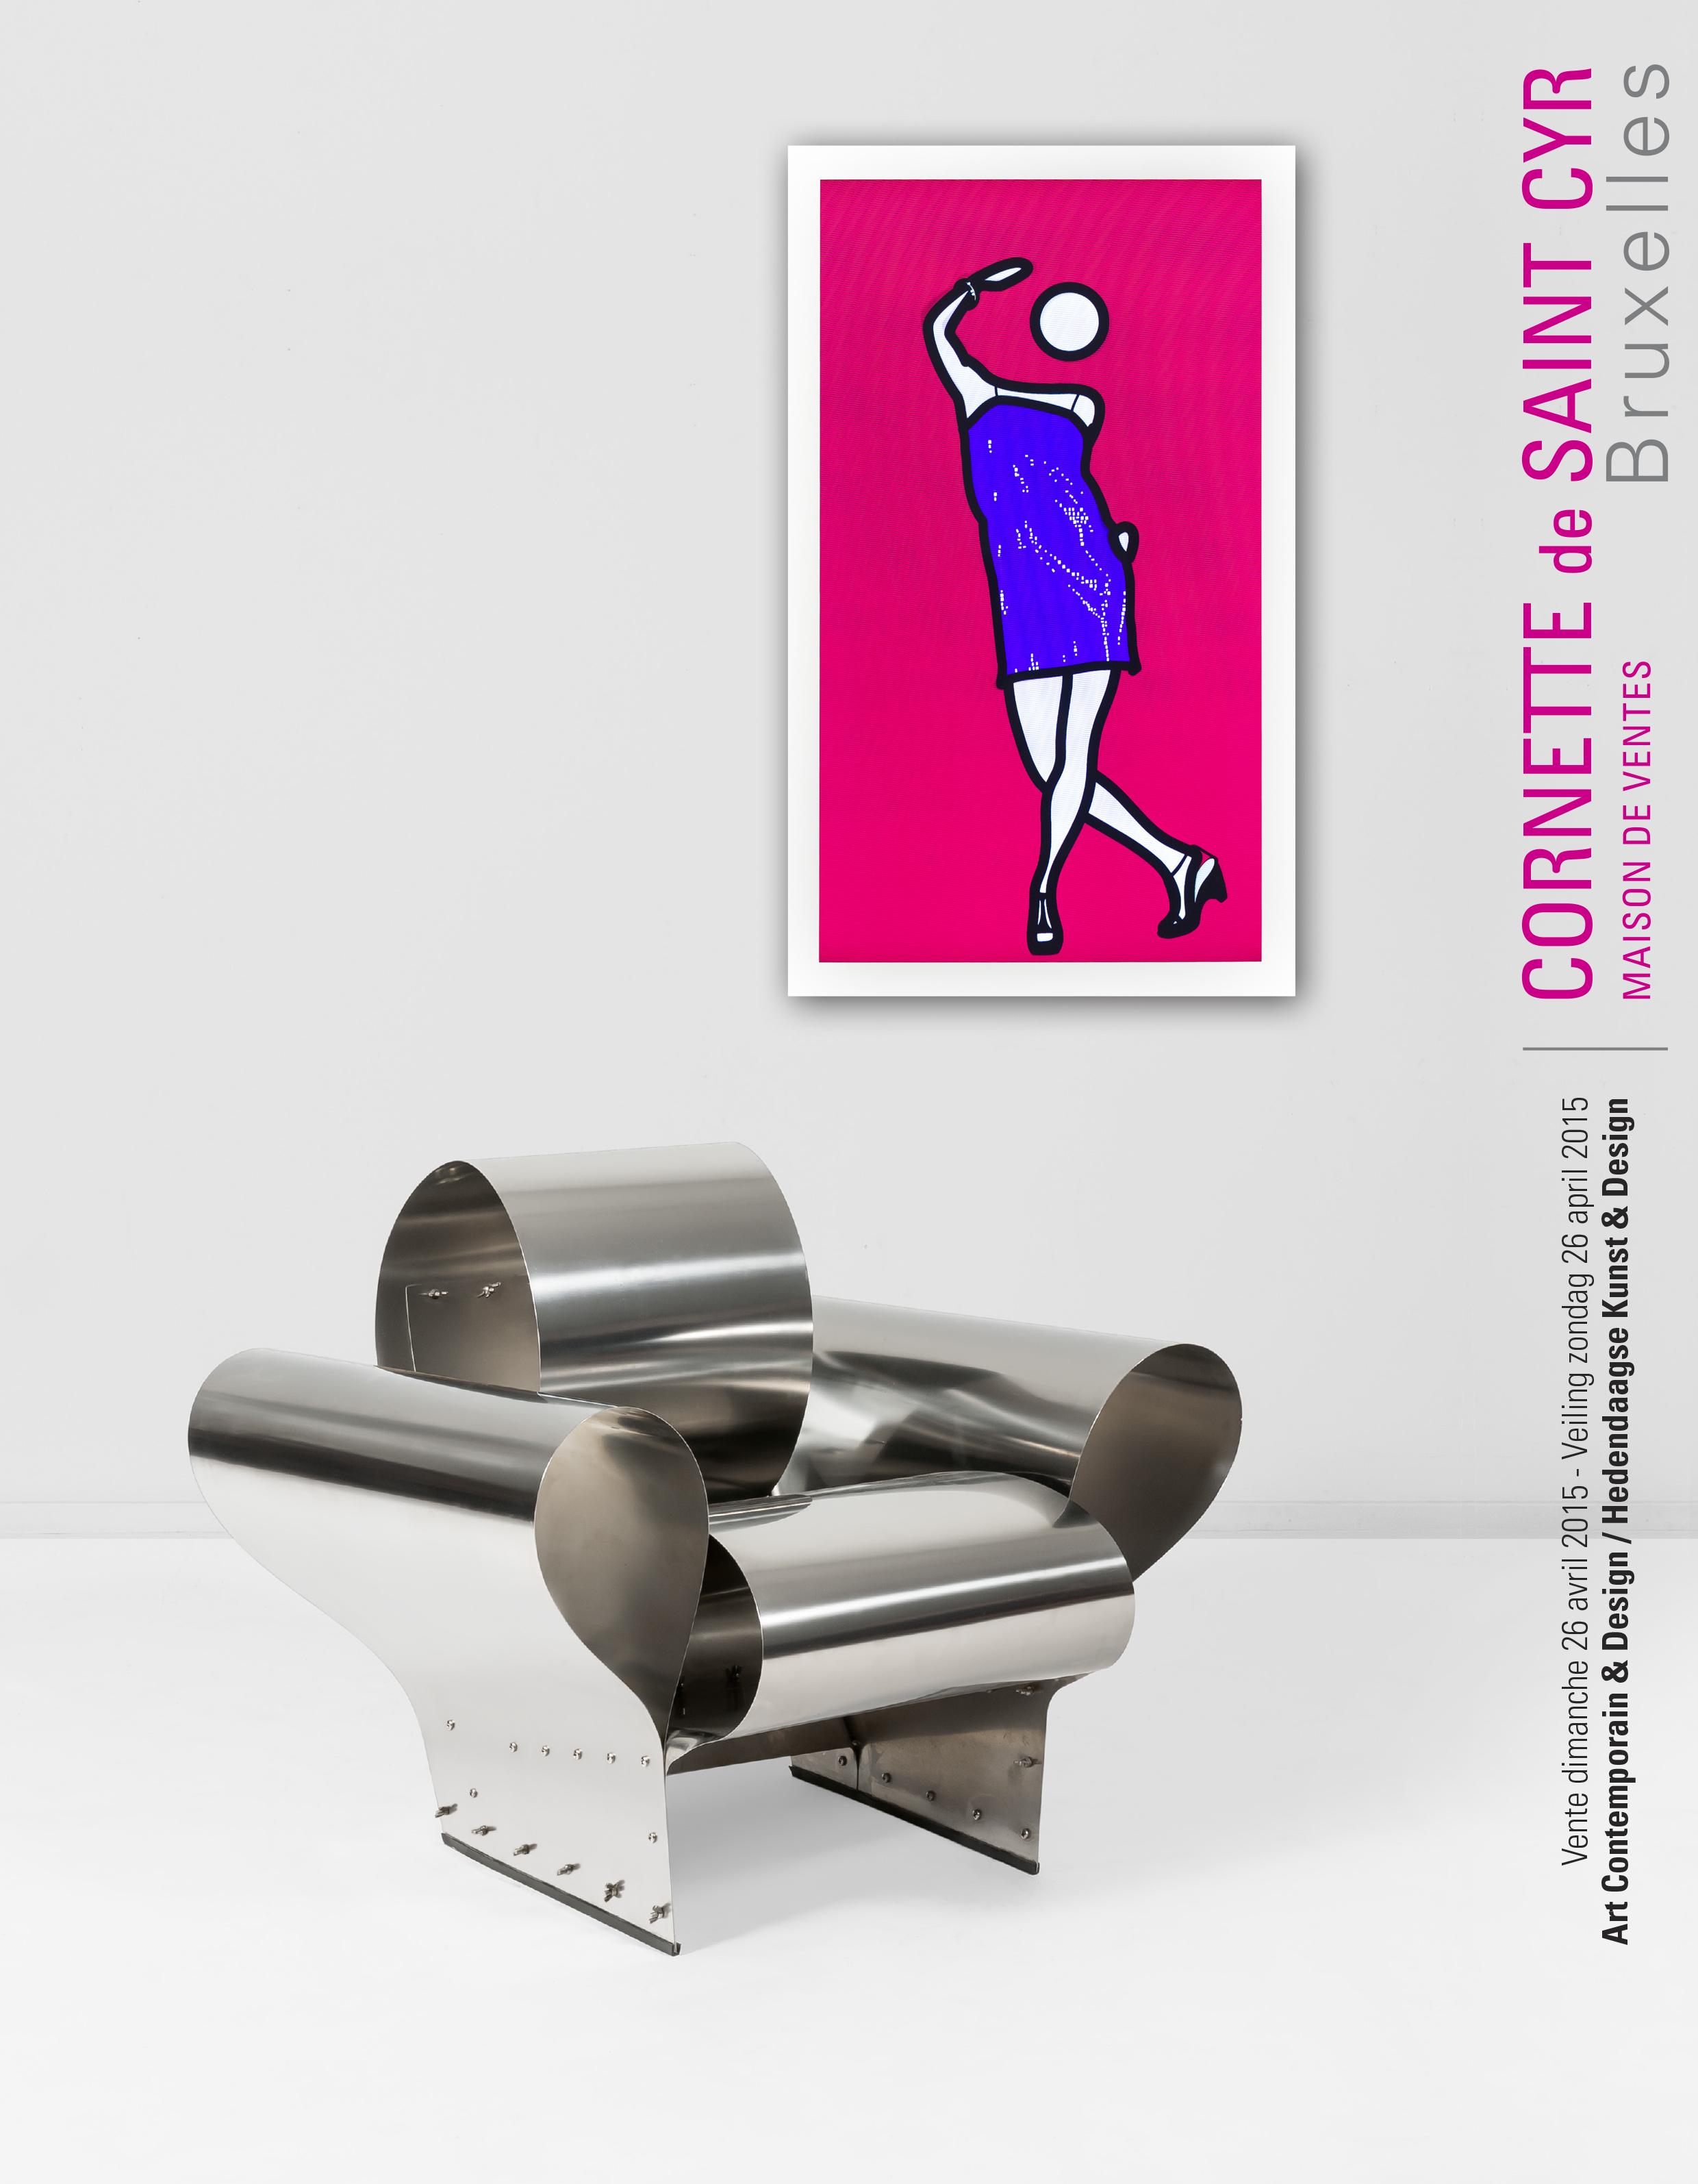 Emejing Designer Mobel Ron Arad Kunst Images   Ideas U0026 Design    Livingmuseum.info